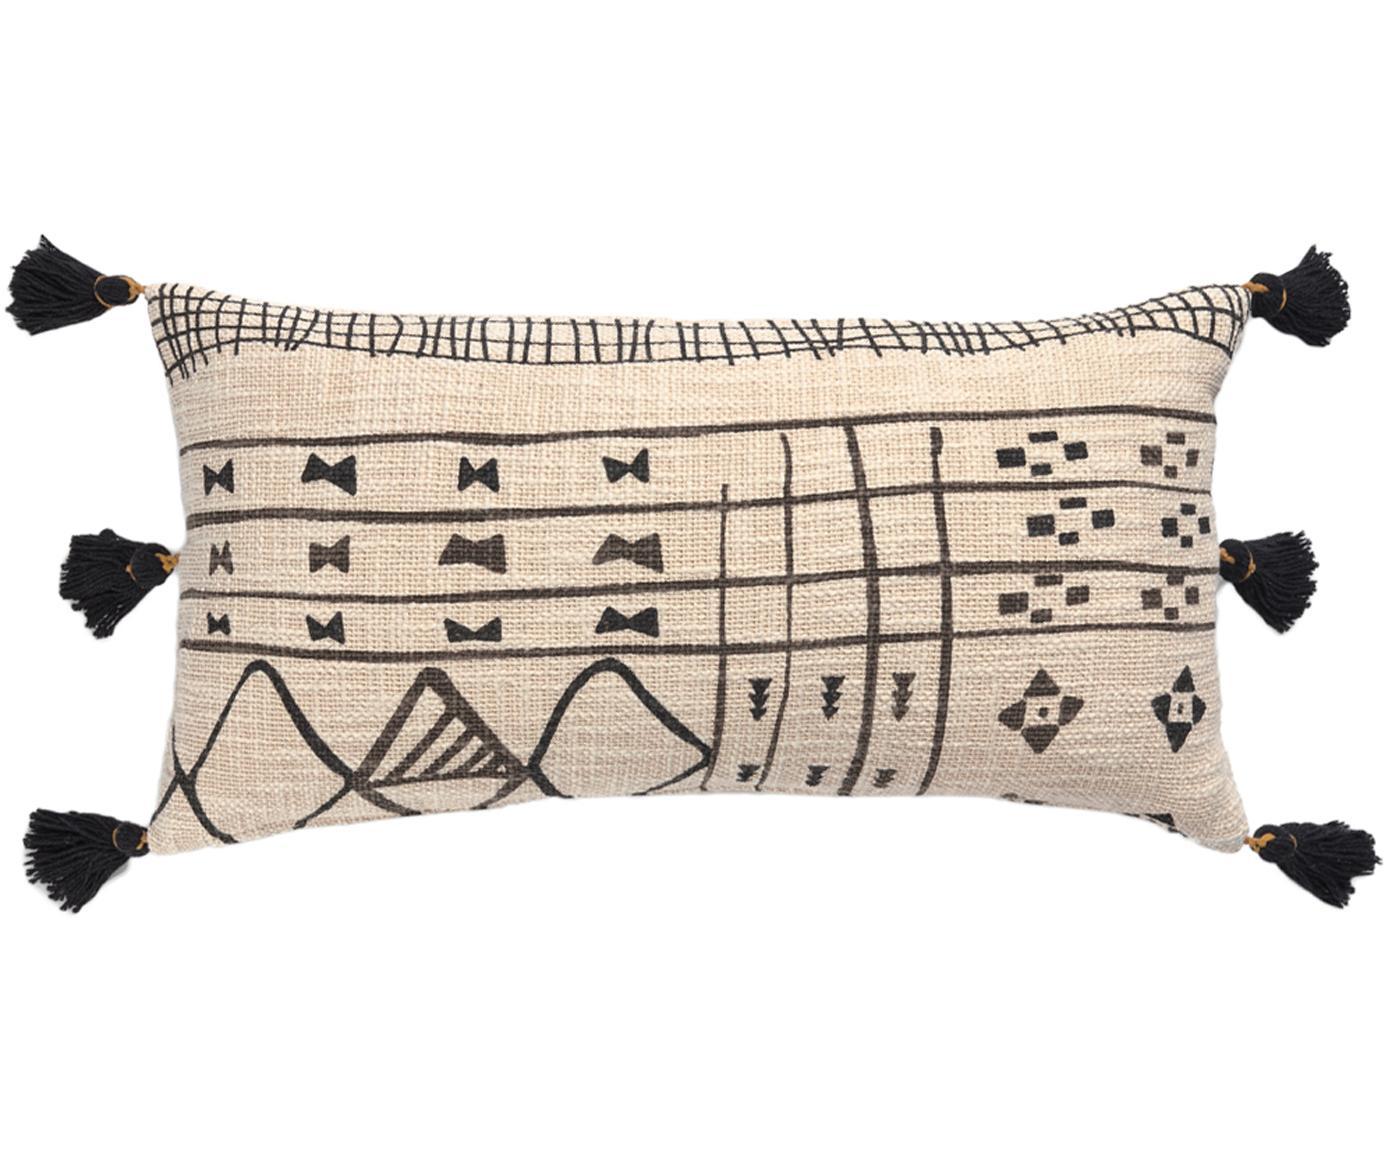 Kussenhoes met patroon Nilo met kwastjes, Katoen, Beige, zwart, 30 x 60 cm